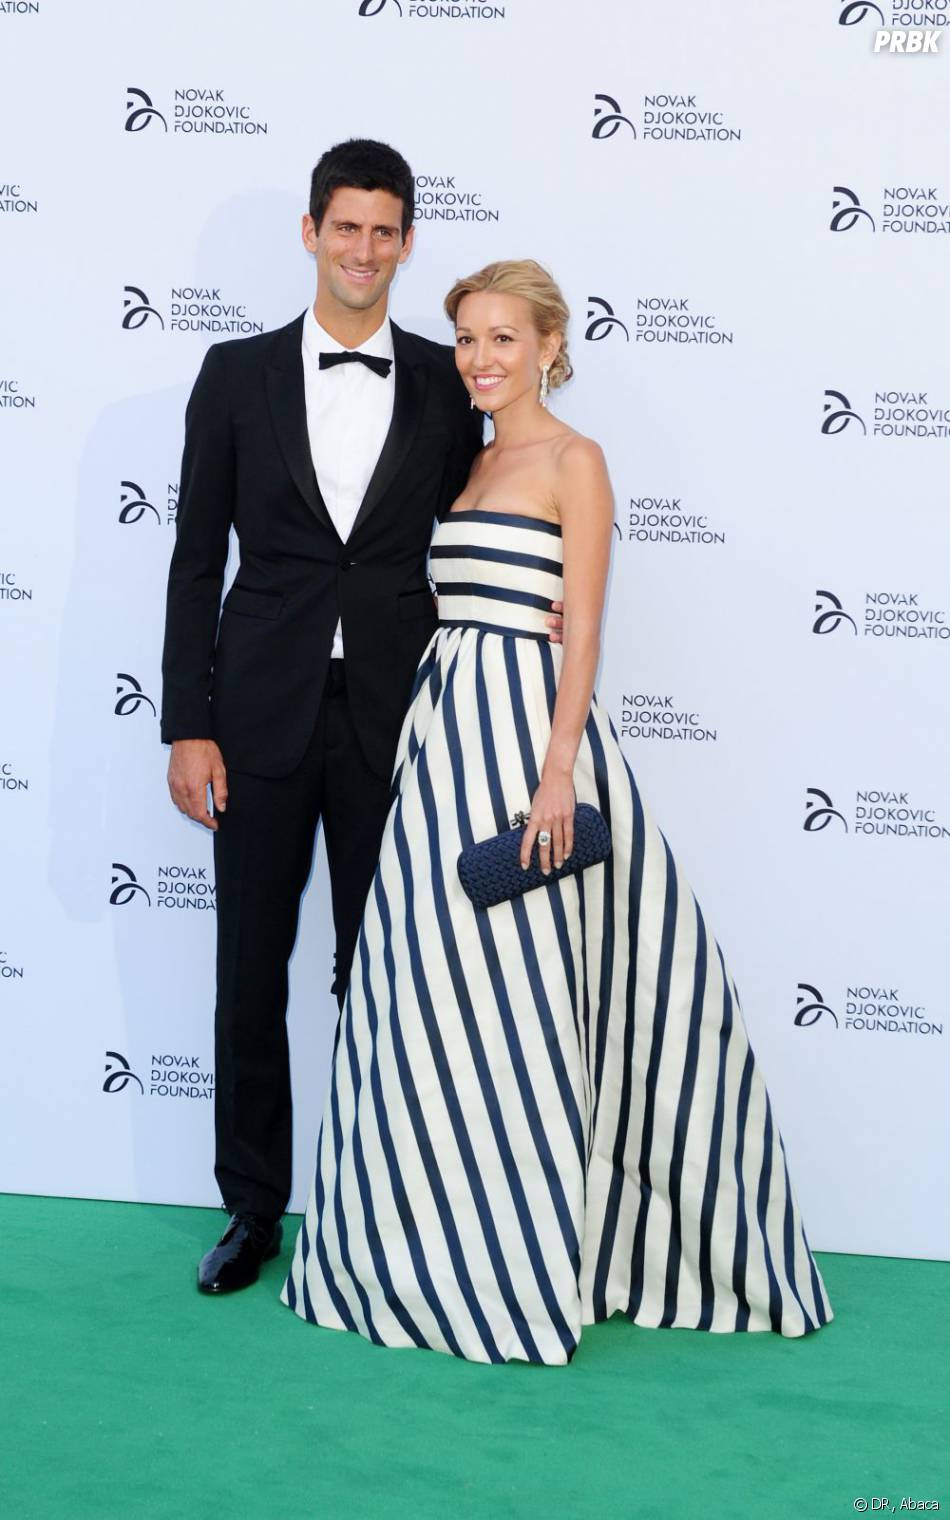 Novak Djokovic et Jelena Ristic lors de la soirée de charité en faveur de sa fondation le 8 juillet 2013.